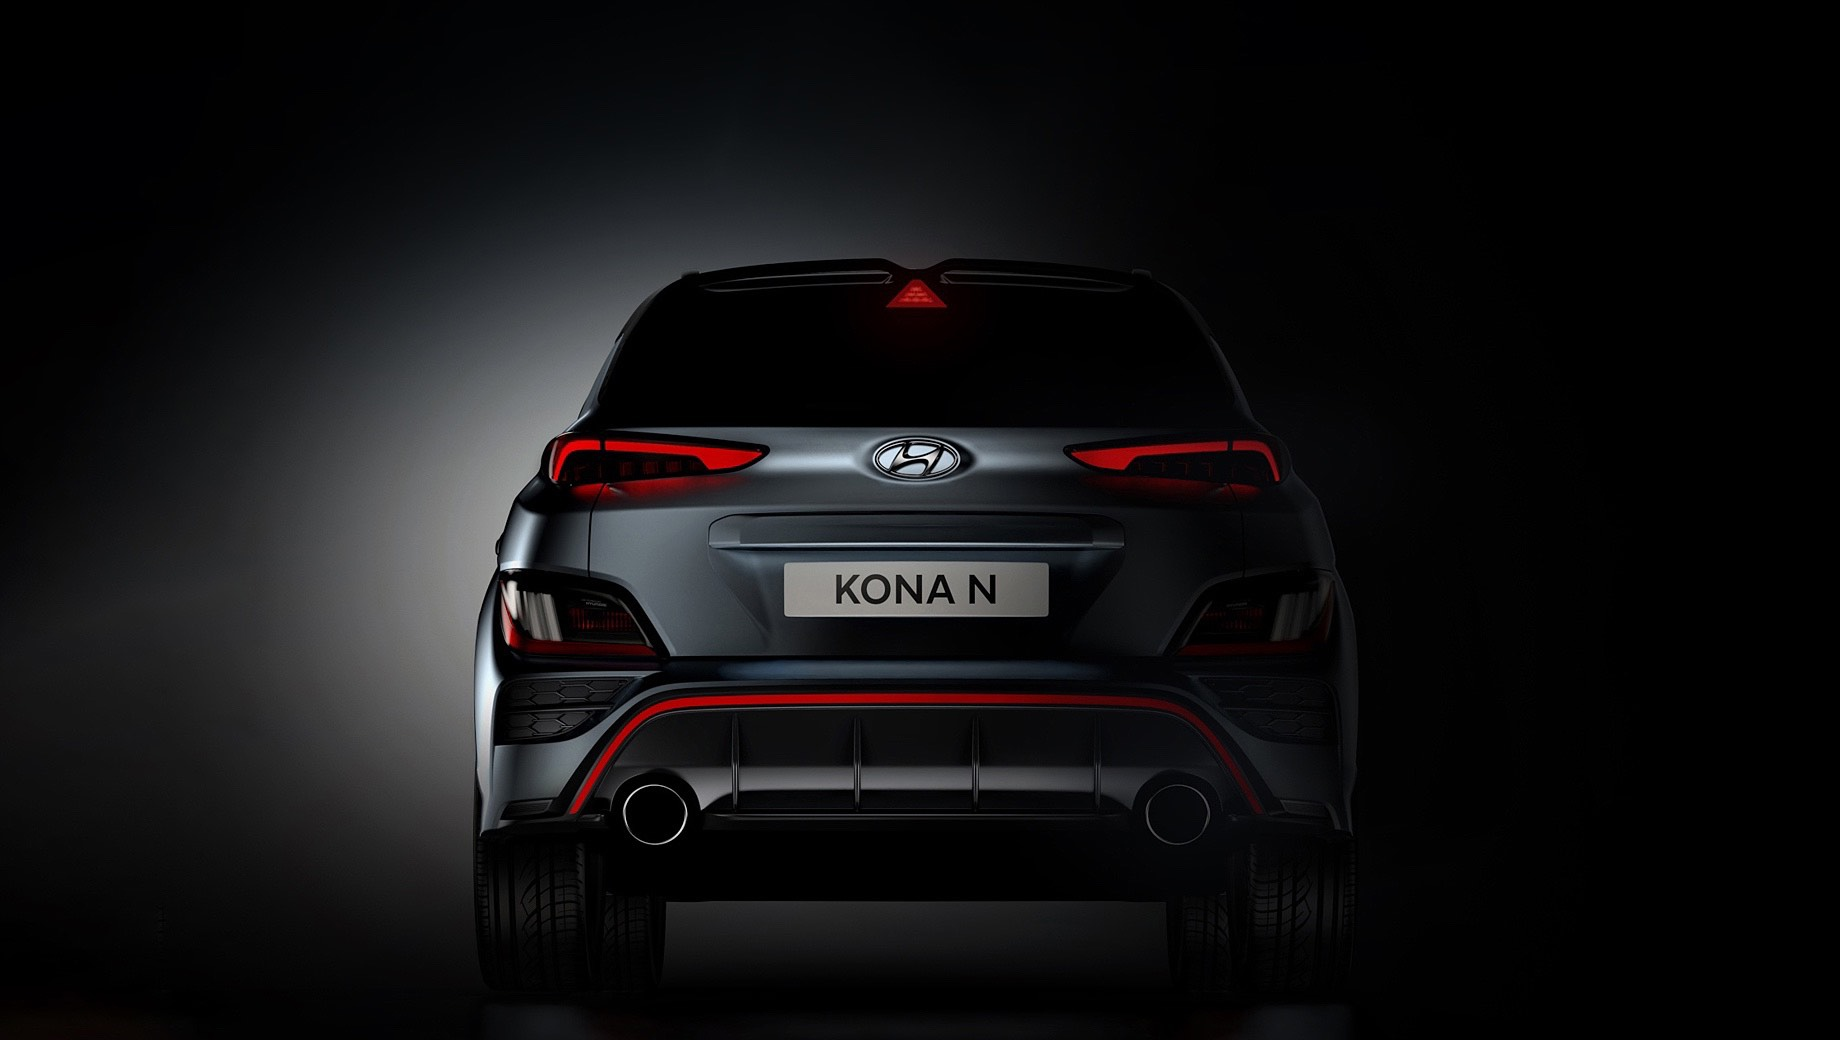 Hyundai kona,Hyundai kona n. По отдаче наддувная «четвёрка» Коны N уступает агрегату, что ставится на кроссовер Volkswagen T-Roc R. У корейской модели в активе есть 280 сил и 392 Н•м, а у немецкой — 300 л.с. и 400 ньютон-метров.